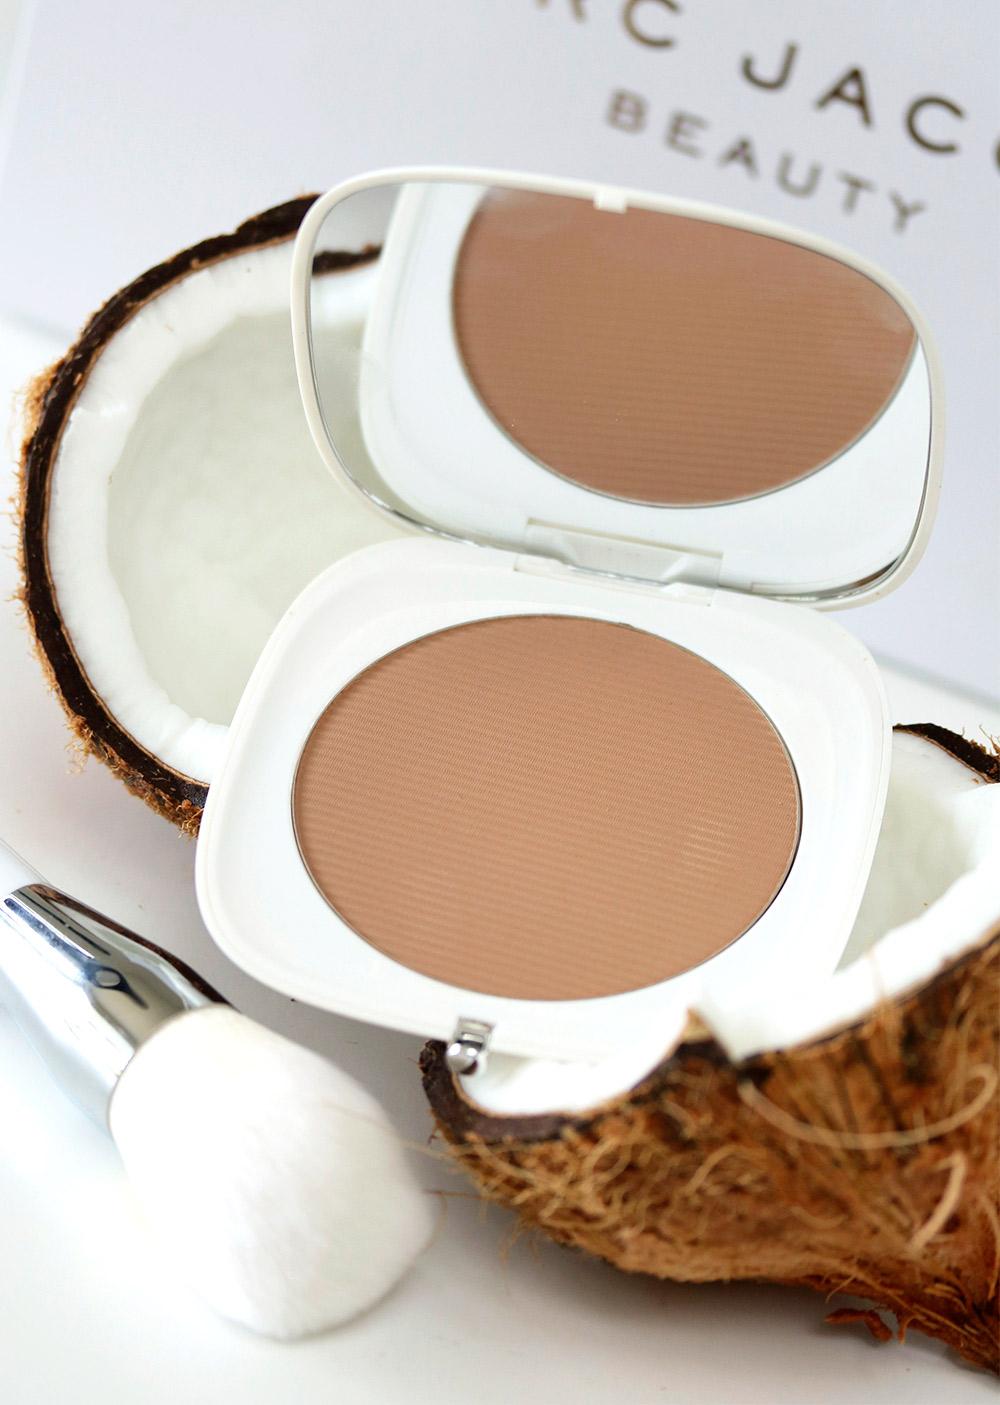 marc jacobs coconut bronzer